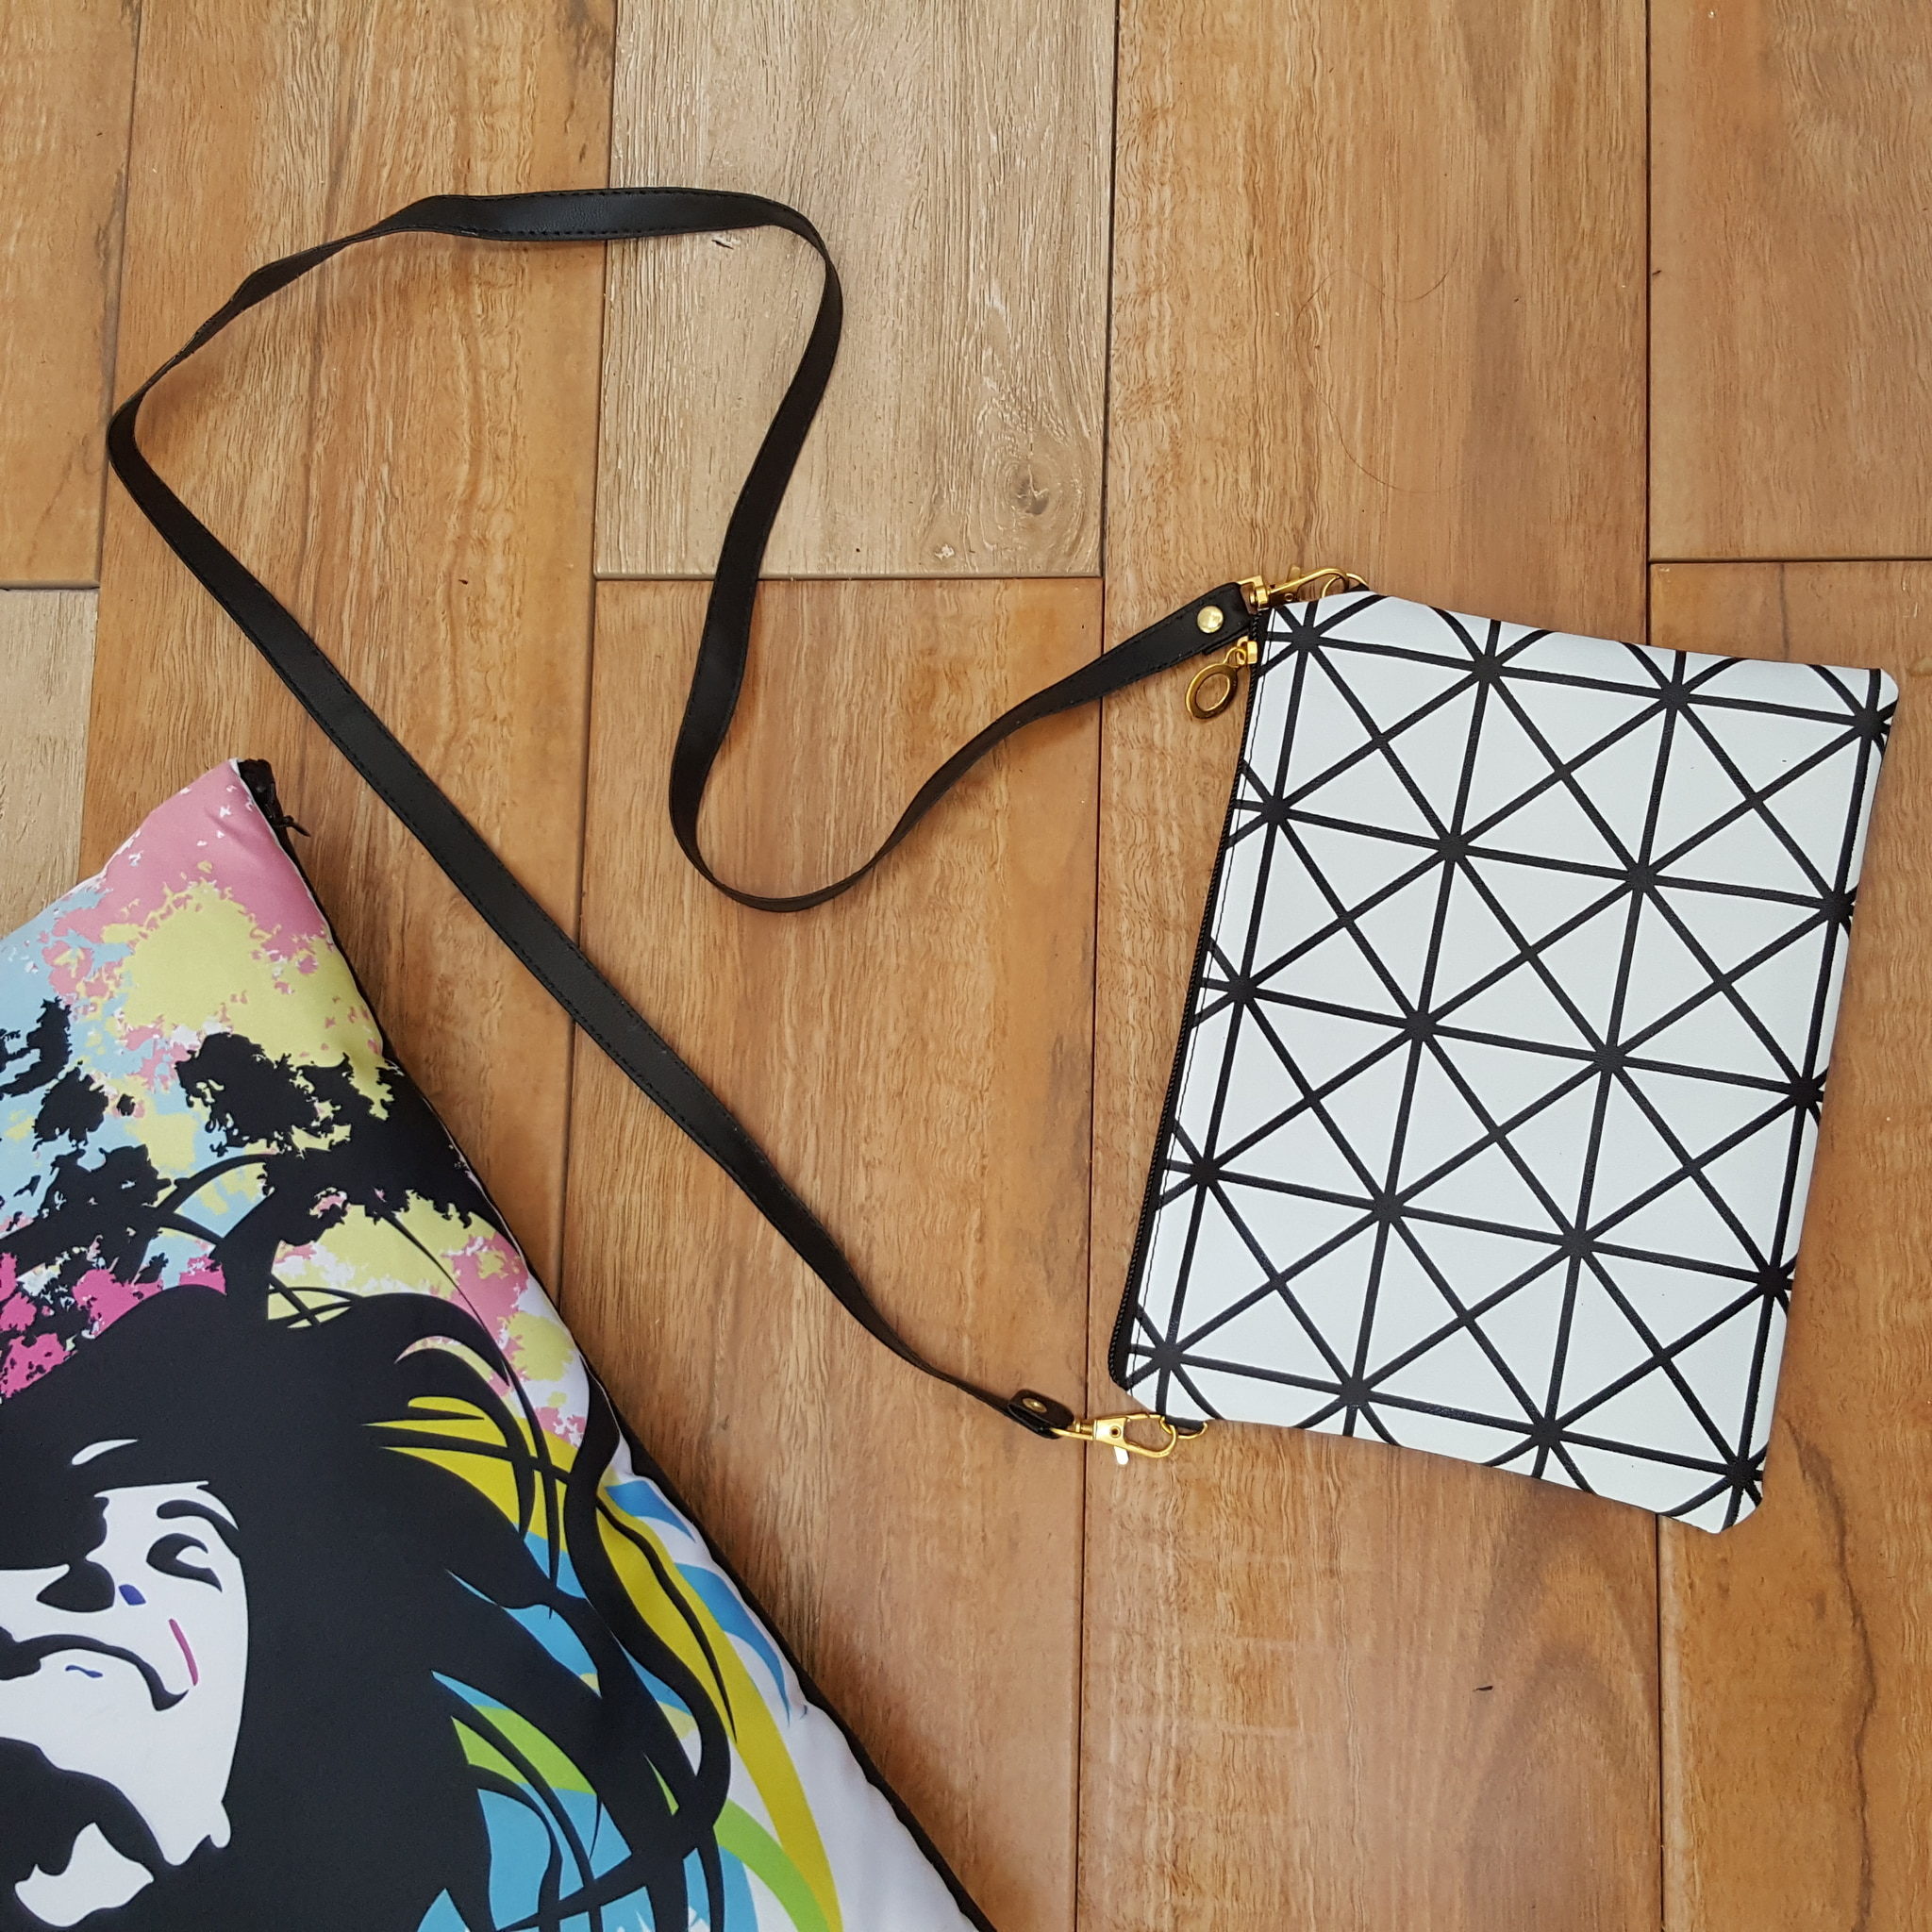 Sling bag tokopedia -  Tas Sling Bag Wanita Murah Banget